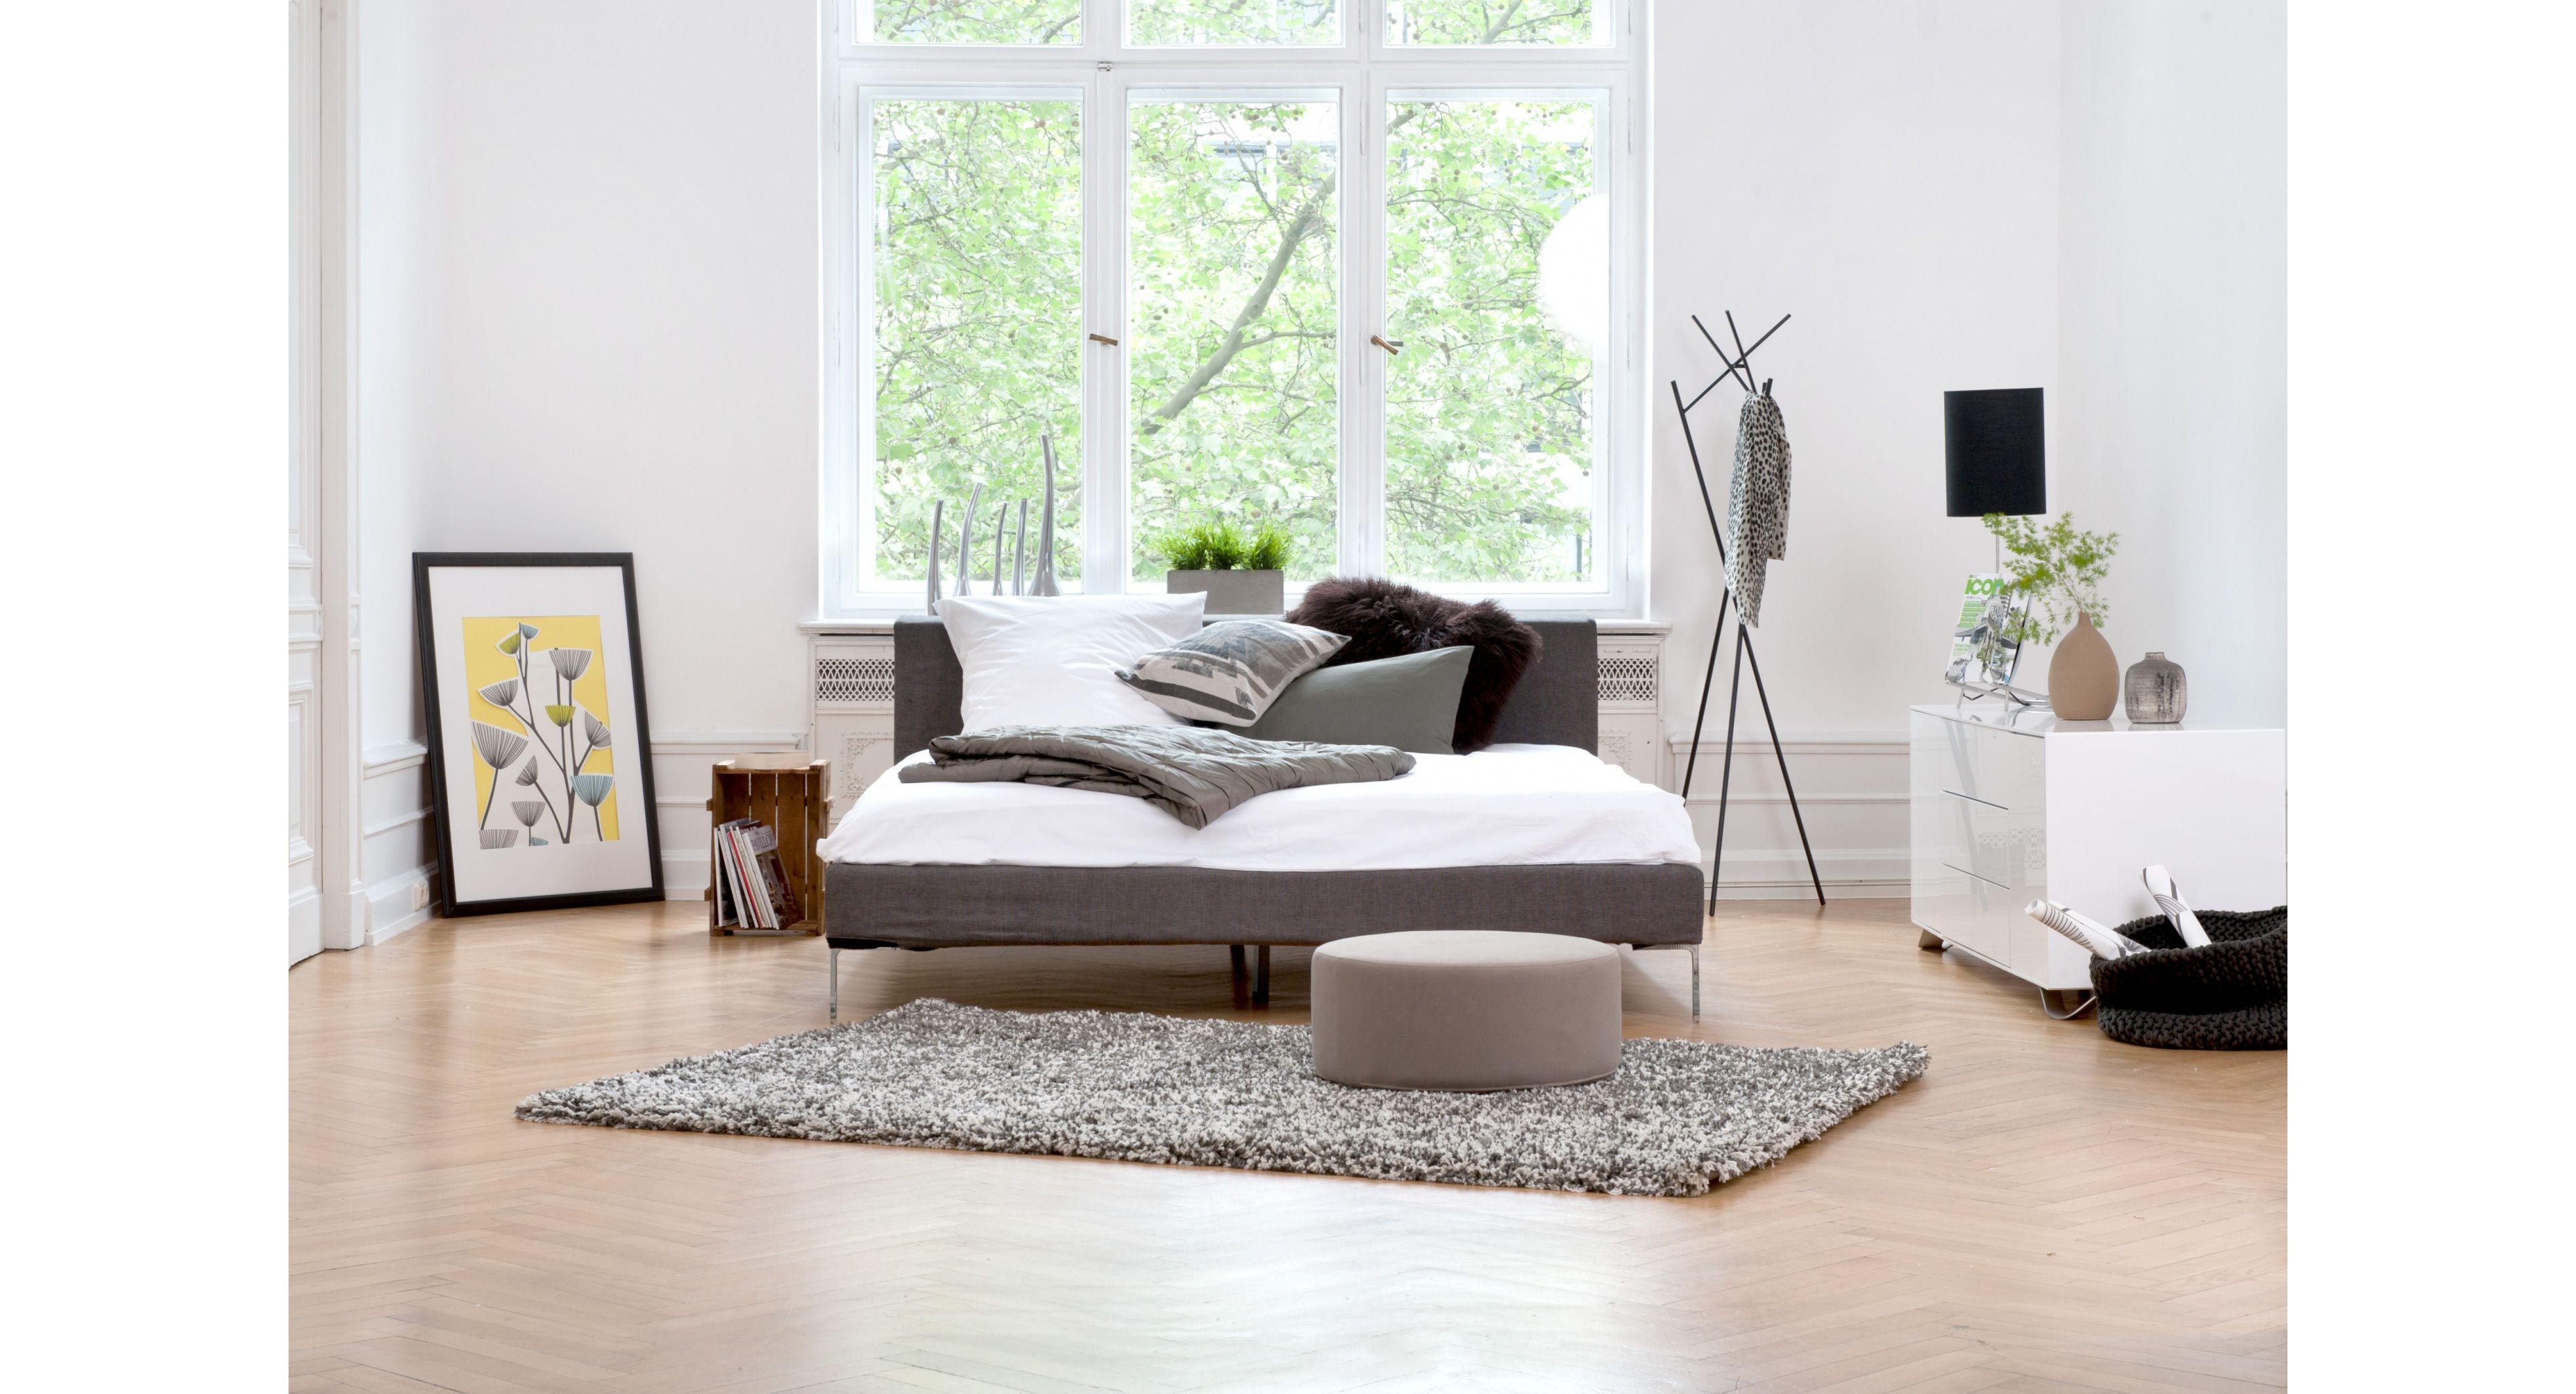 Home Design Schlafzimmer Ideen Braun Schlafzimmer Ideen Japanisches Schlafzimmer Selber Machen Schlafzimmer Deko Selber Machen Schlafzimmer